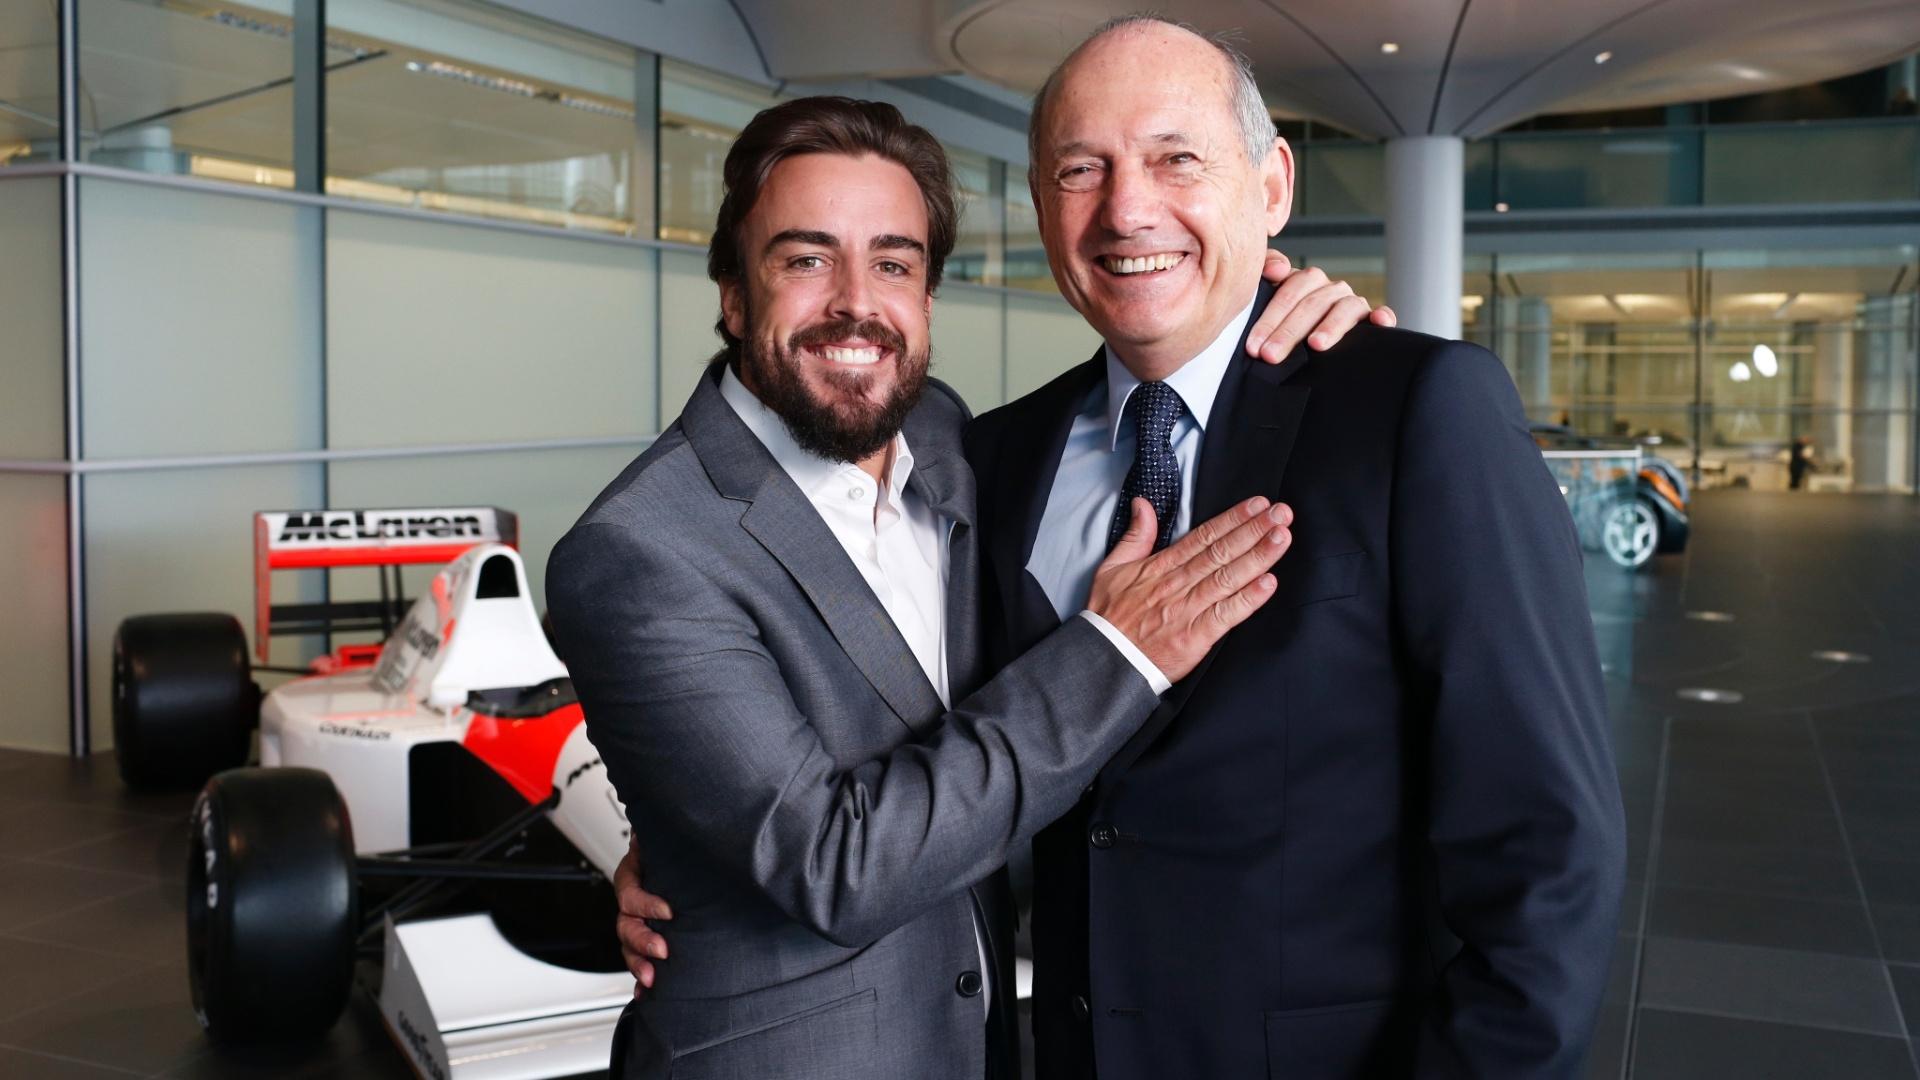 Fernando Alonso e Ron Dennis durante o anúncio do espanhol na McLaren